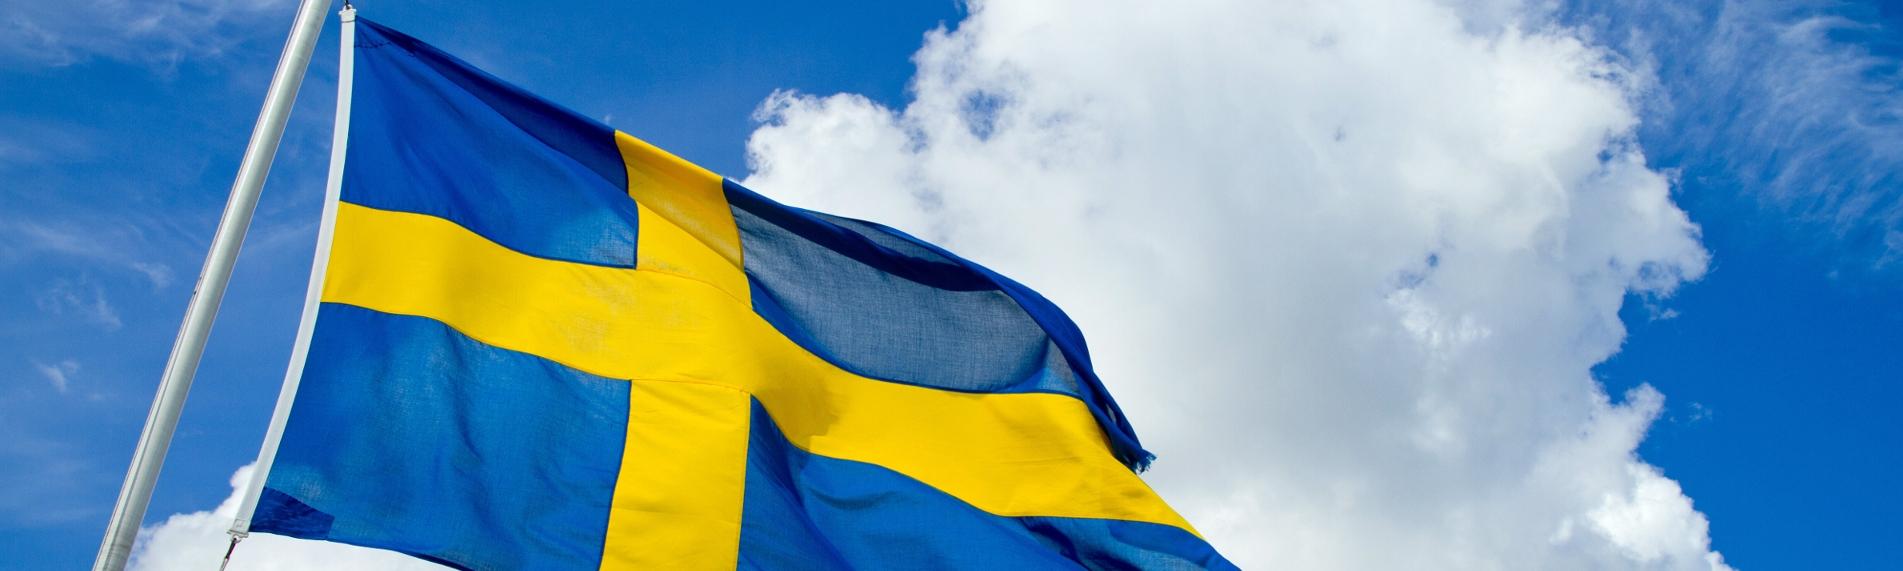 Condair-gruppen växer ytterligare när Condair AB slår upp portarna till sitt nya huvudkontor i Täby